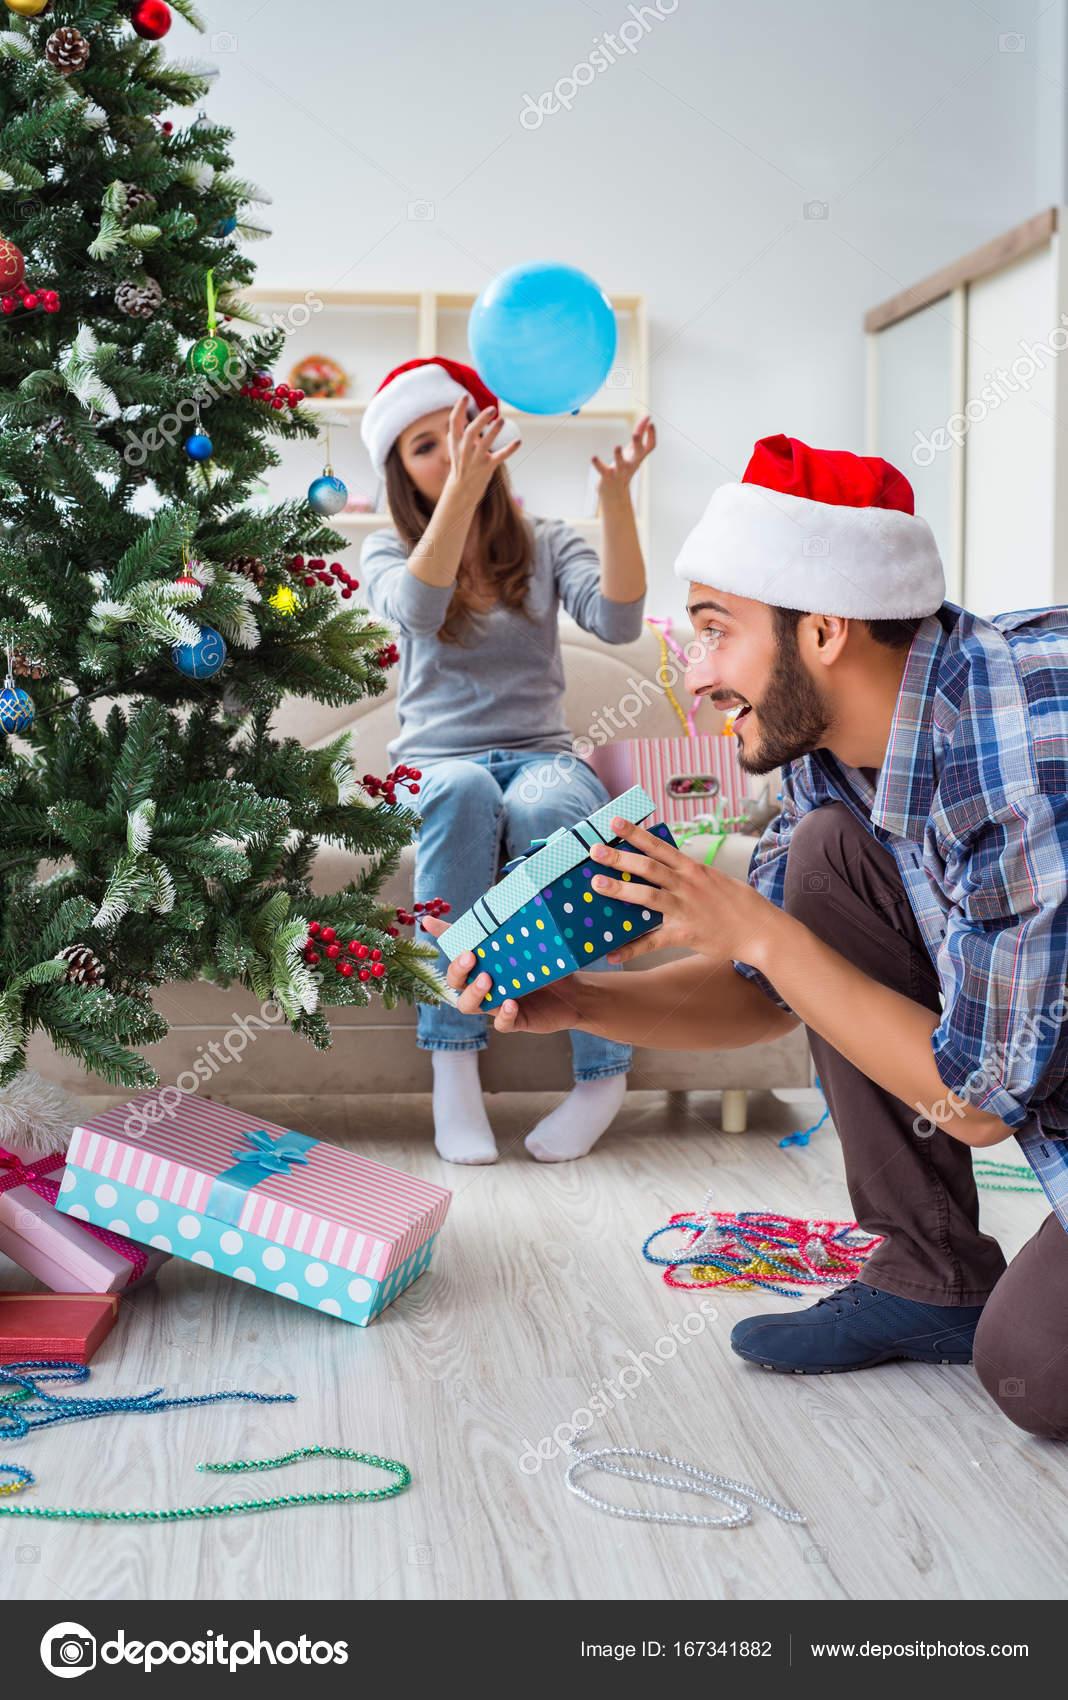 Regali Di Natale Per Fidanzato.Fidanzata E Fidanzato Aprono I Regali Di Natale Foto Stock